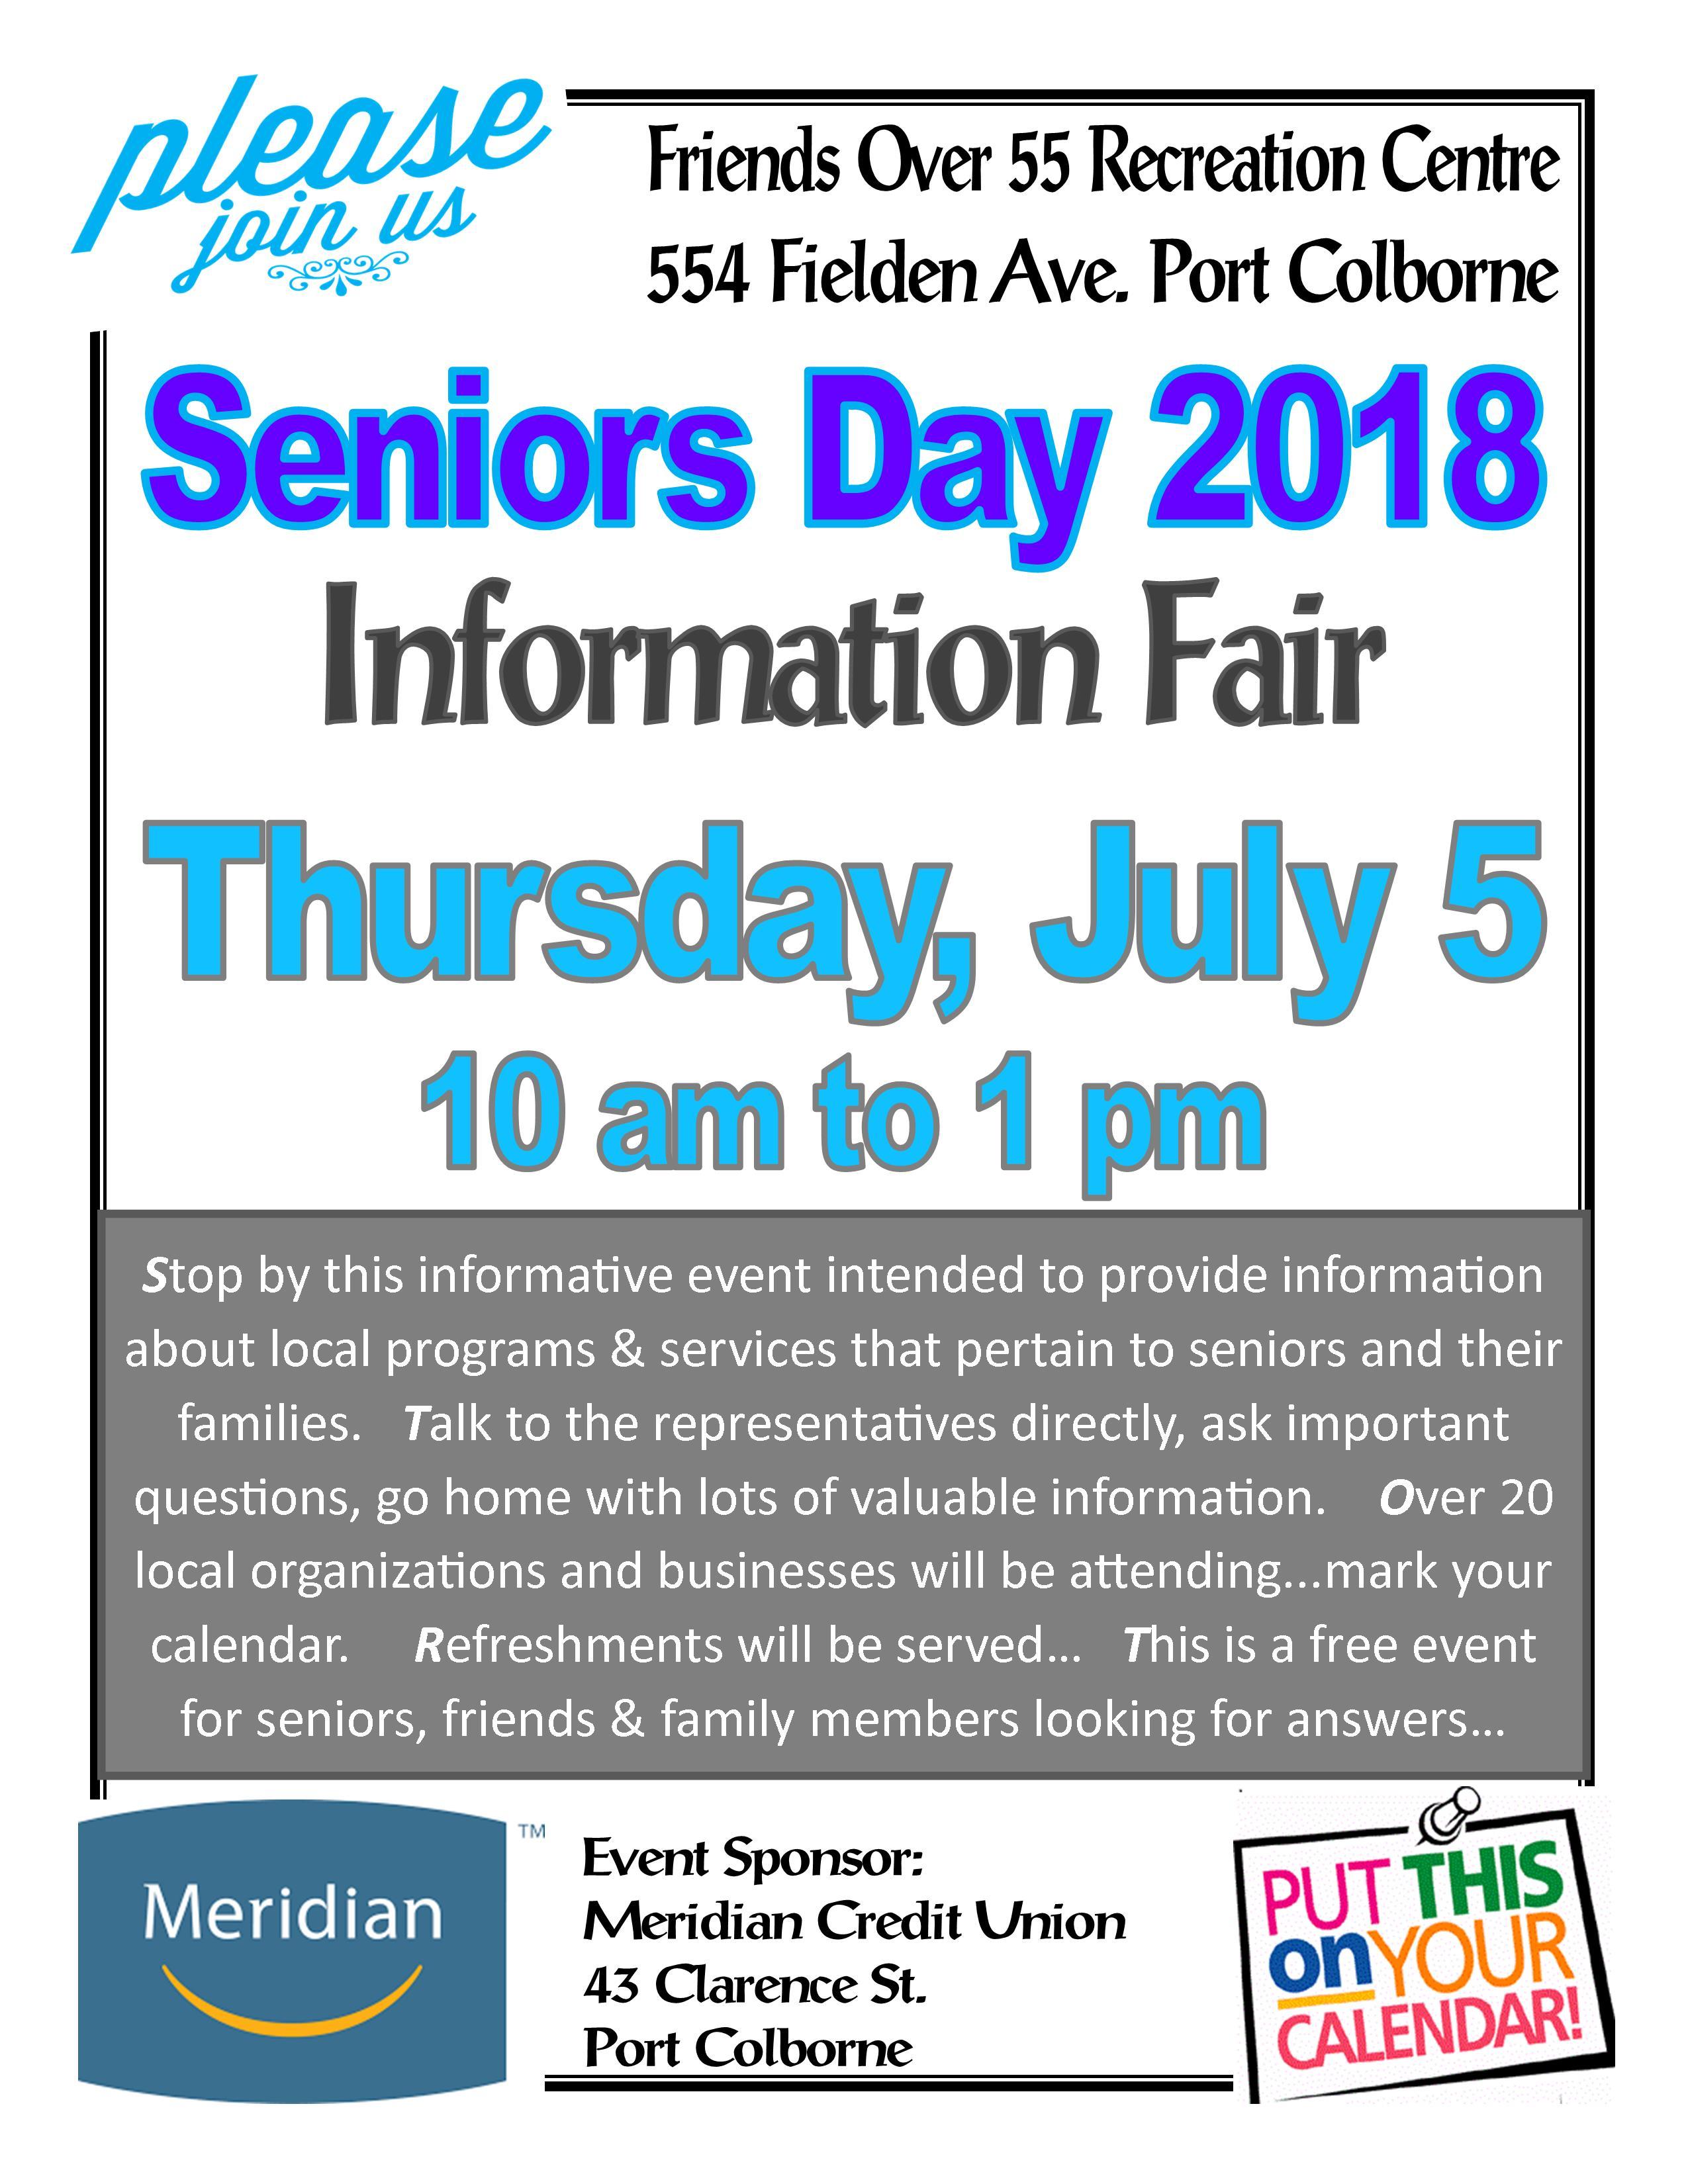 Free for seniors over 55